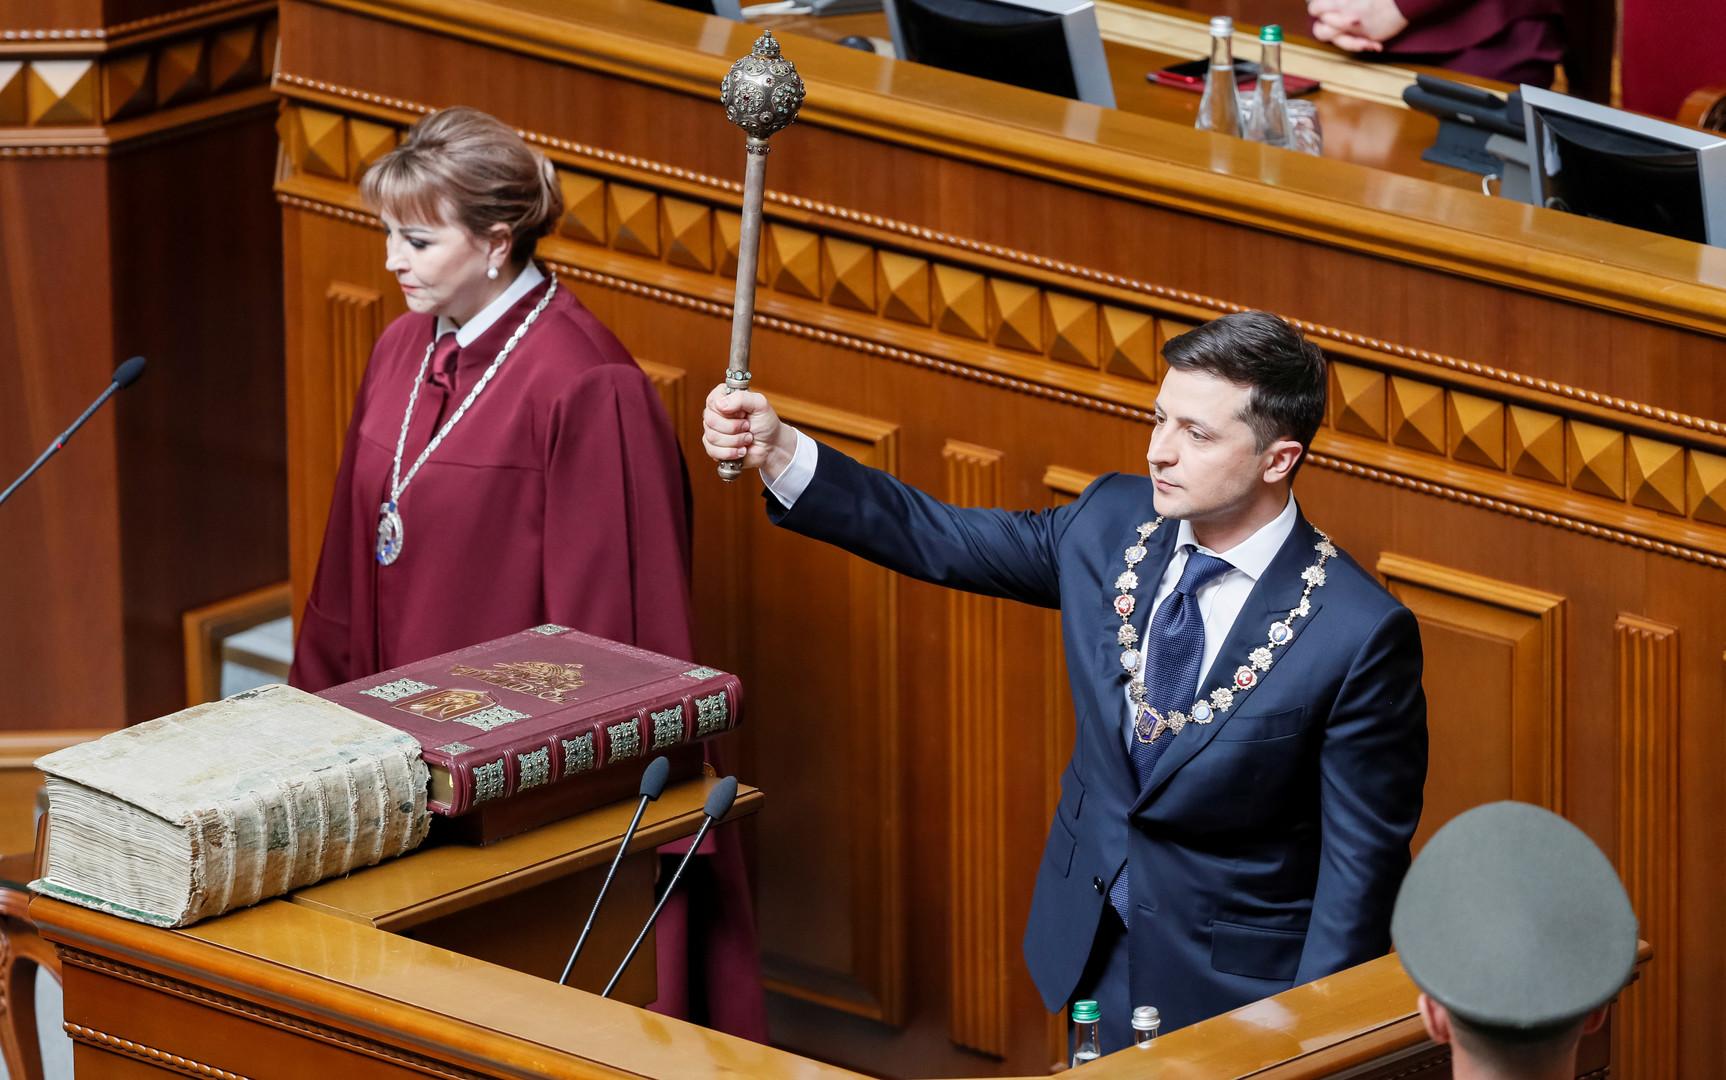 زيلينسكي يؤدي اليمين الدستورية رئيسا لأوكرانيا